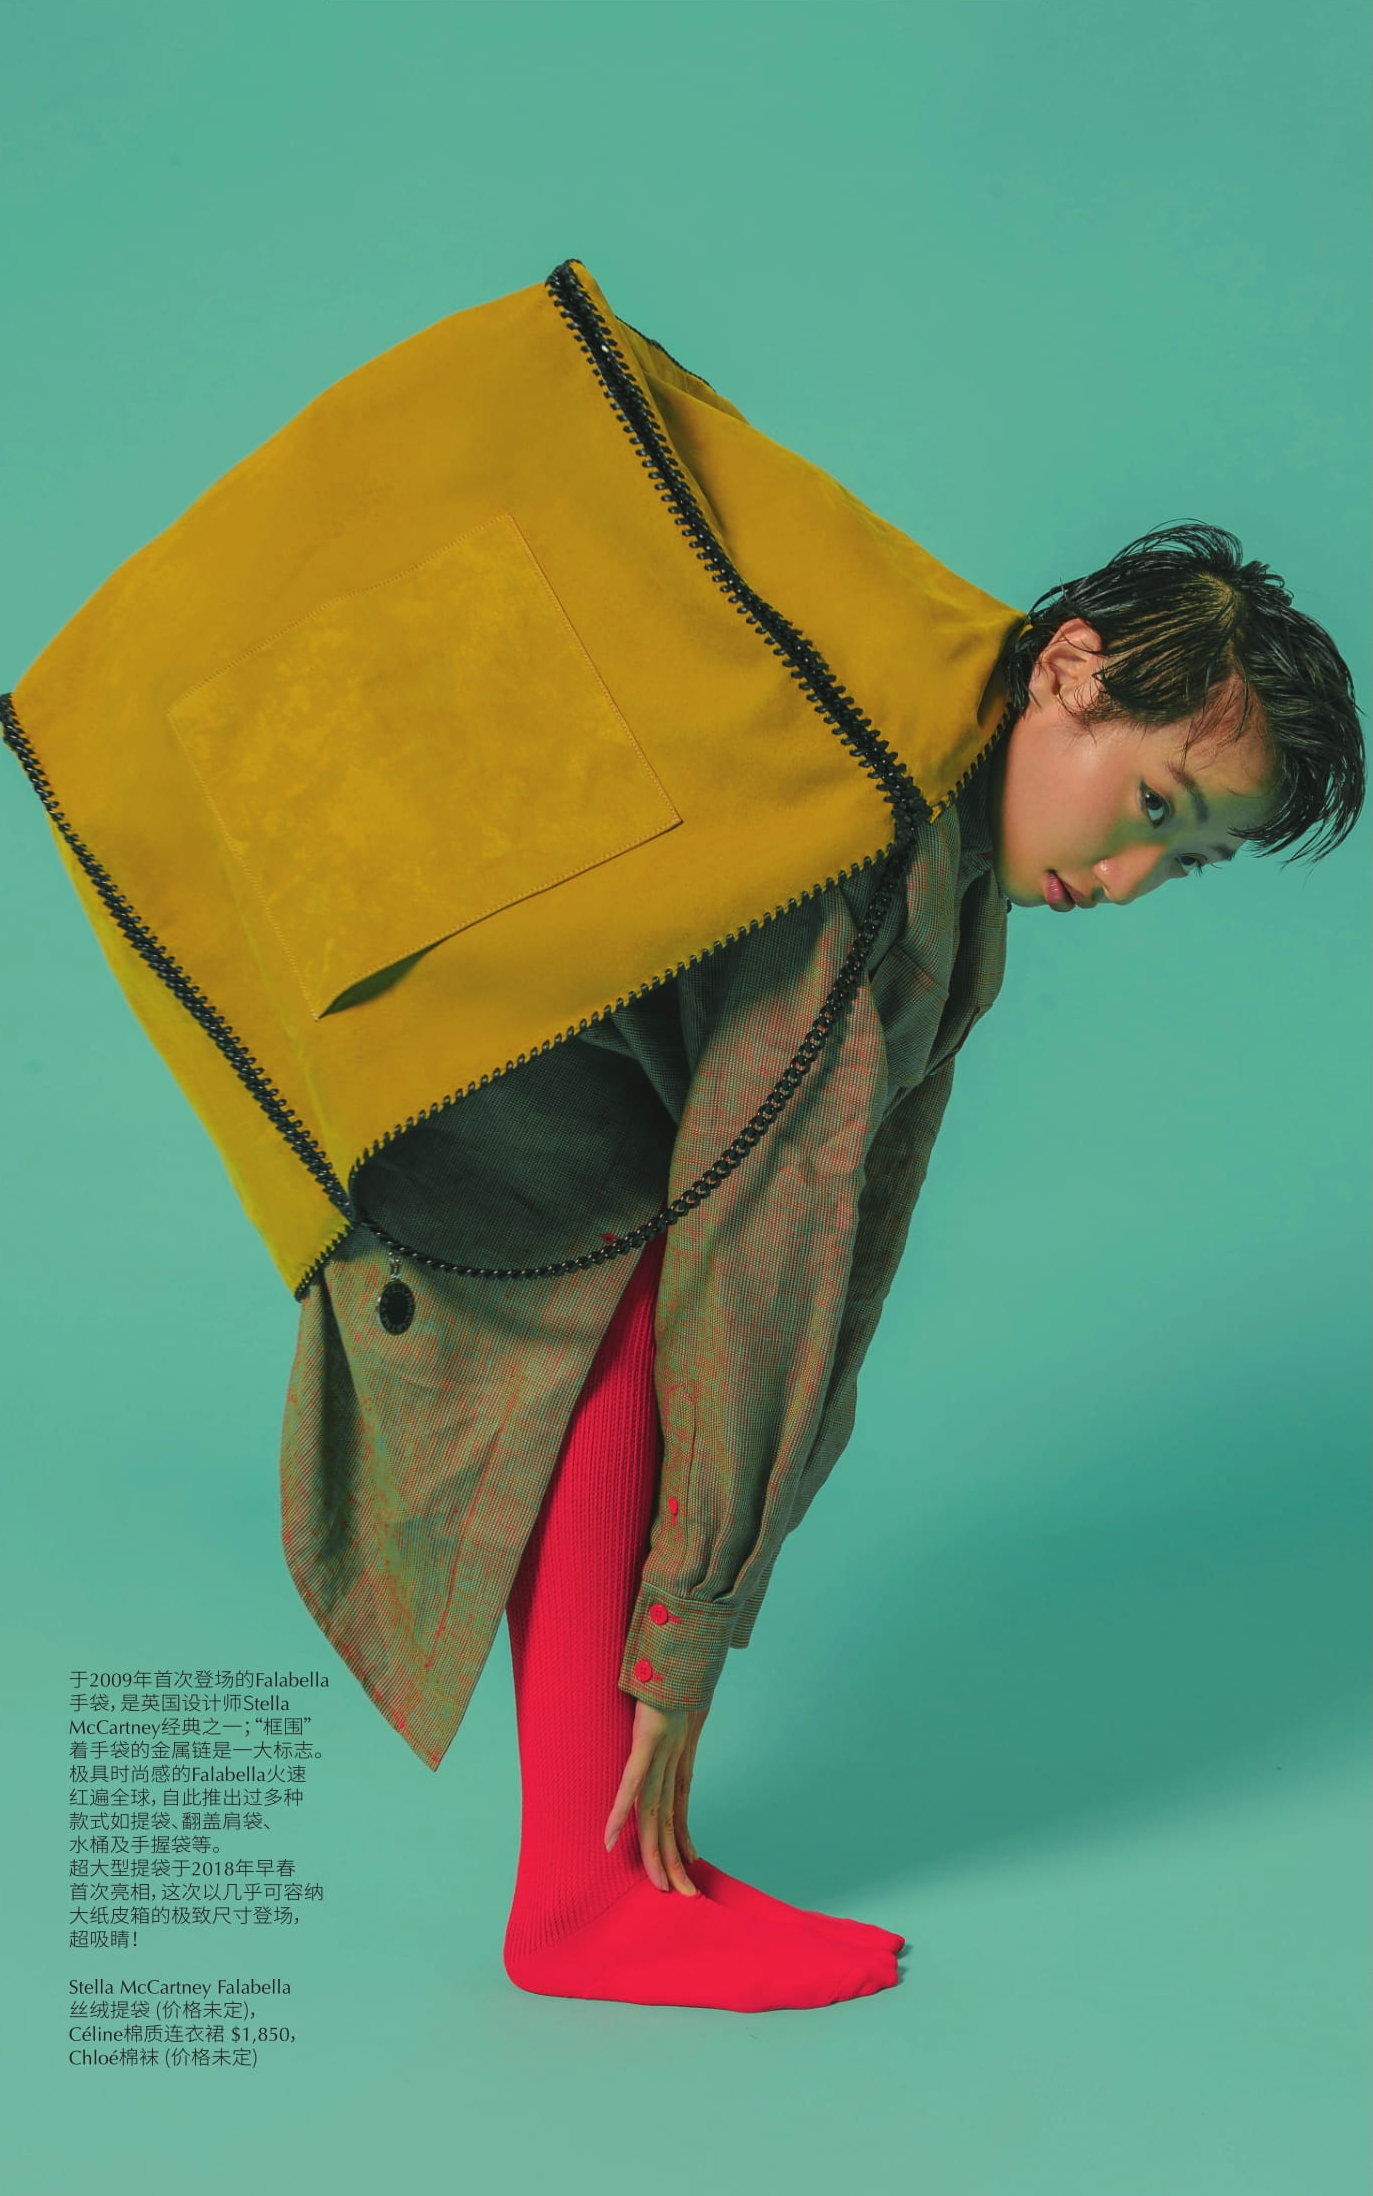 046 Fashion Spread BigSmall Bags6-1.jpg